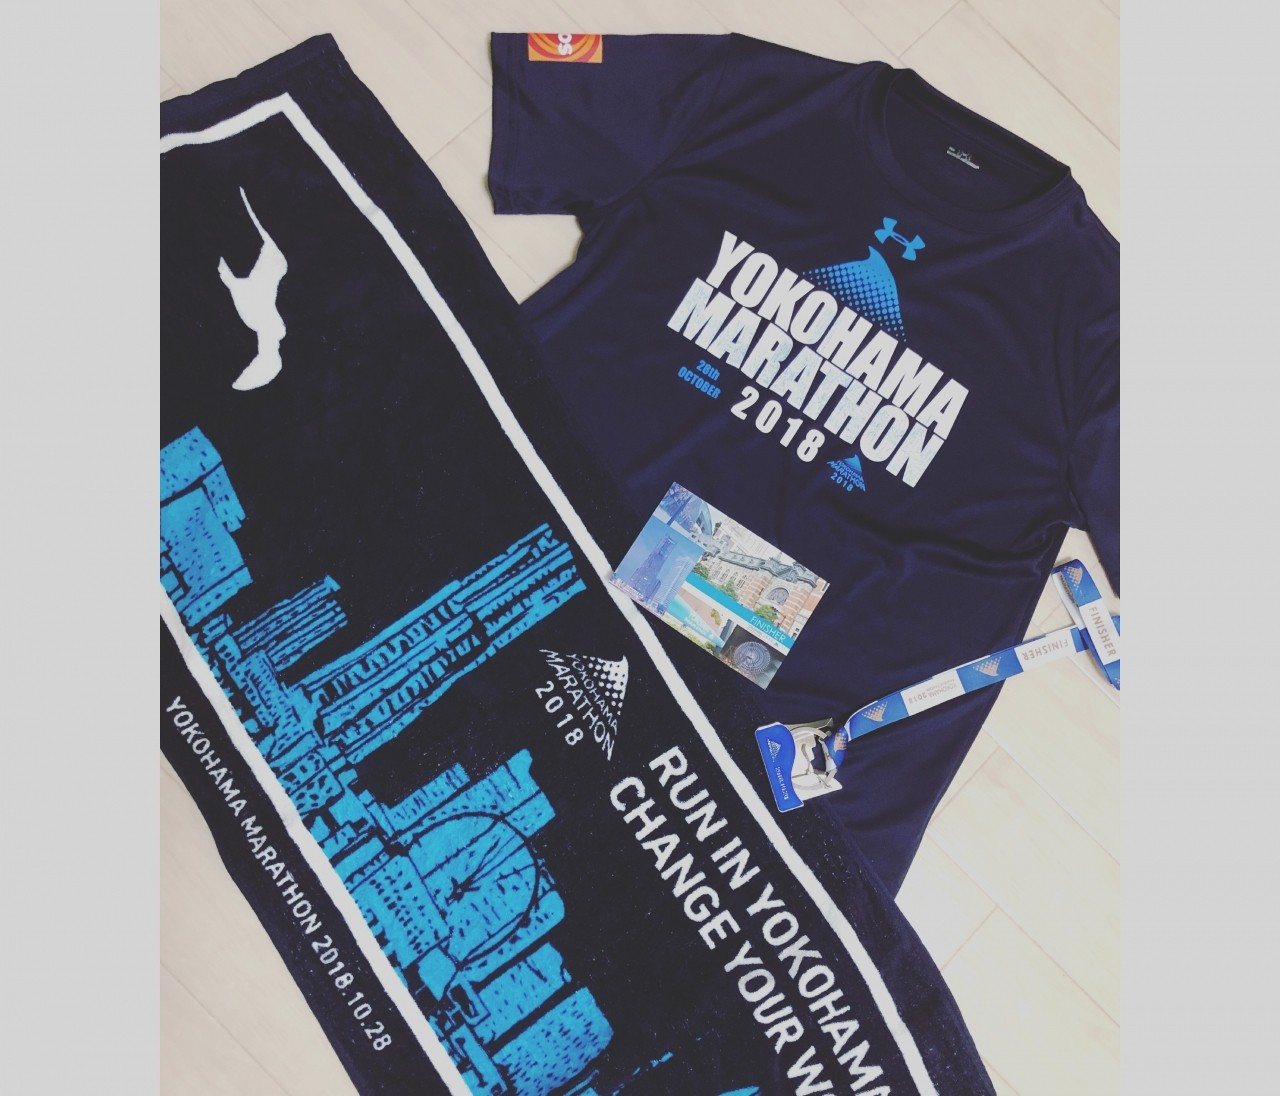 スポーツの秋‼︎【横浜マラソン】に初挑戦しました